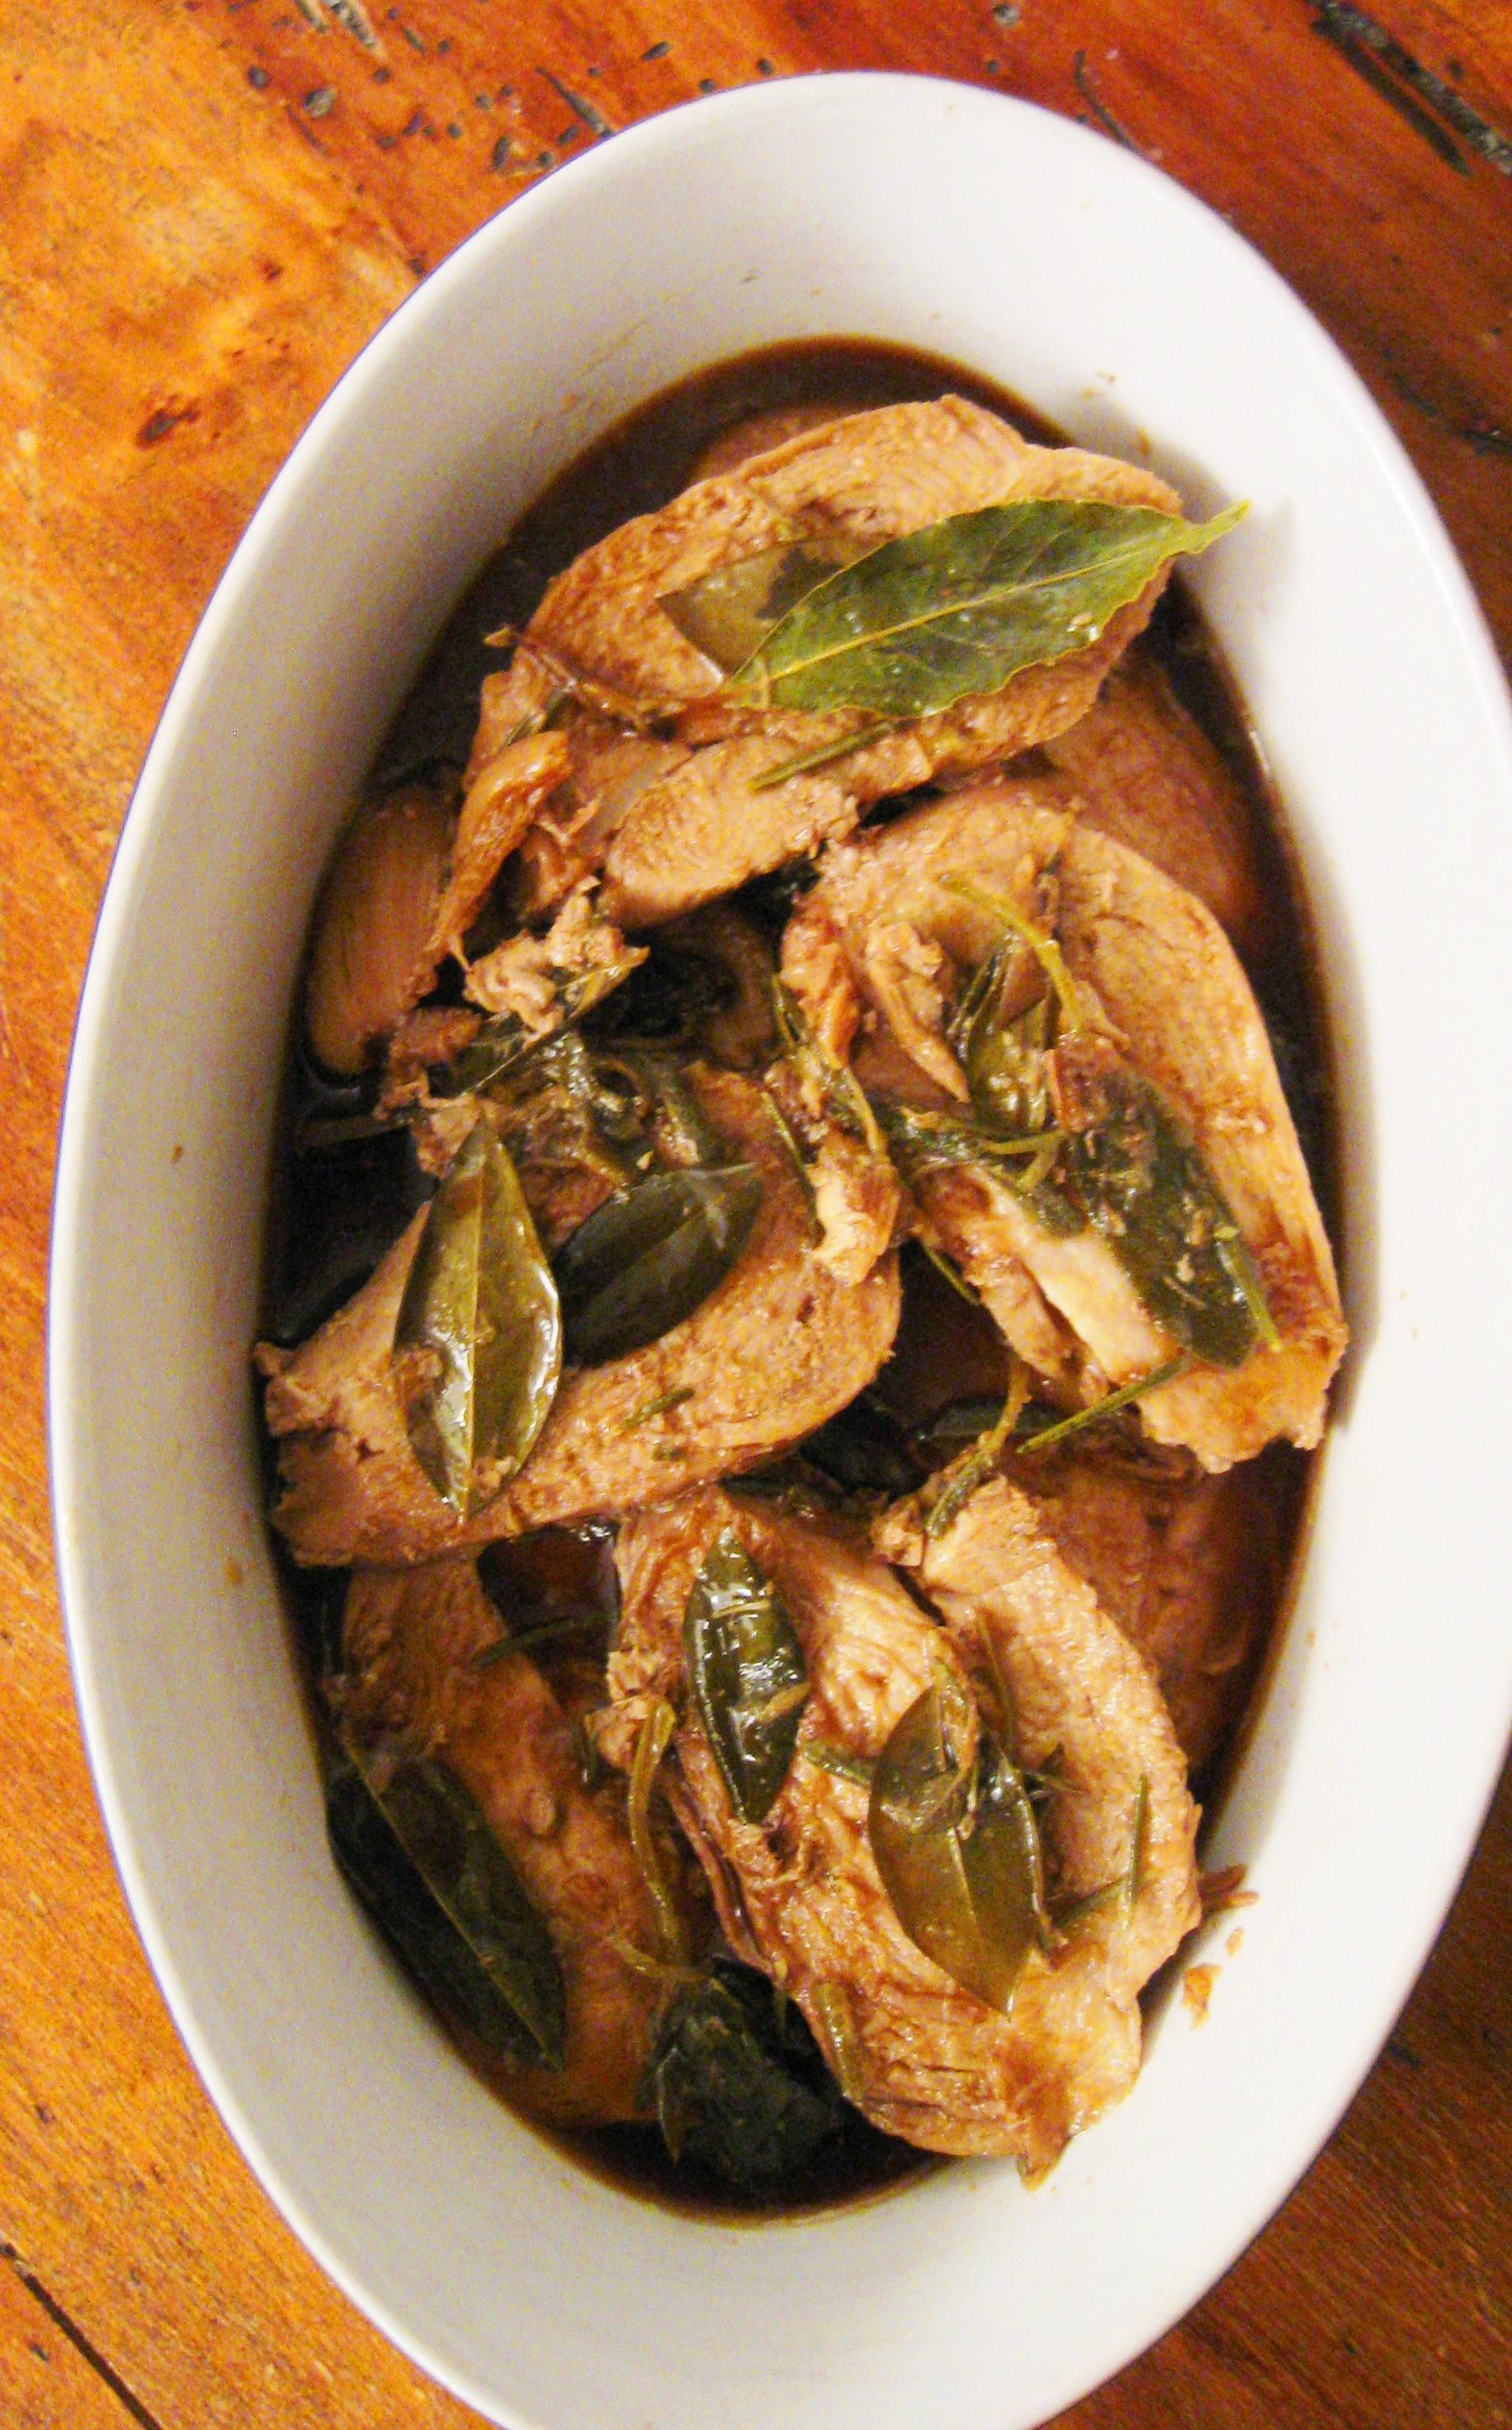 Petto di pollo alla salsa di soya e erbe aromatiche